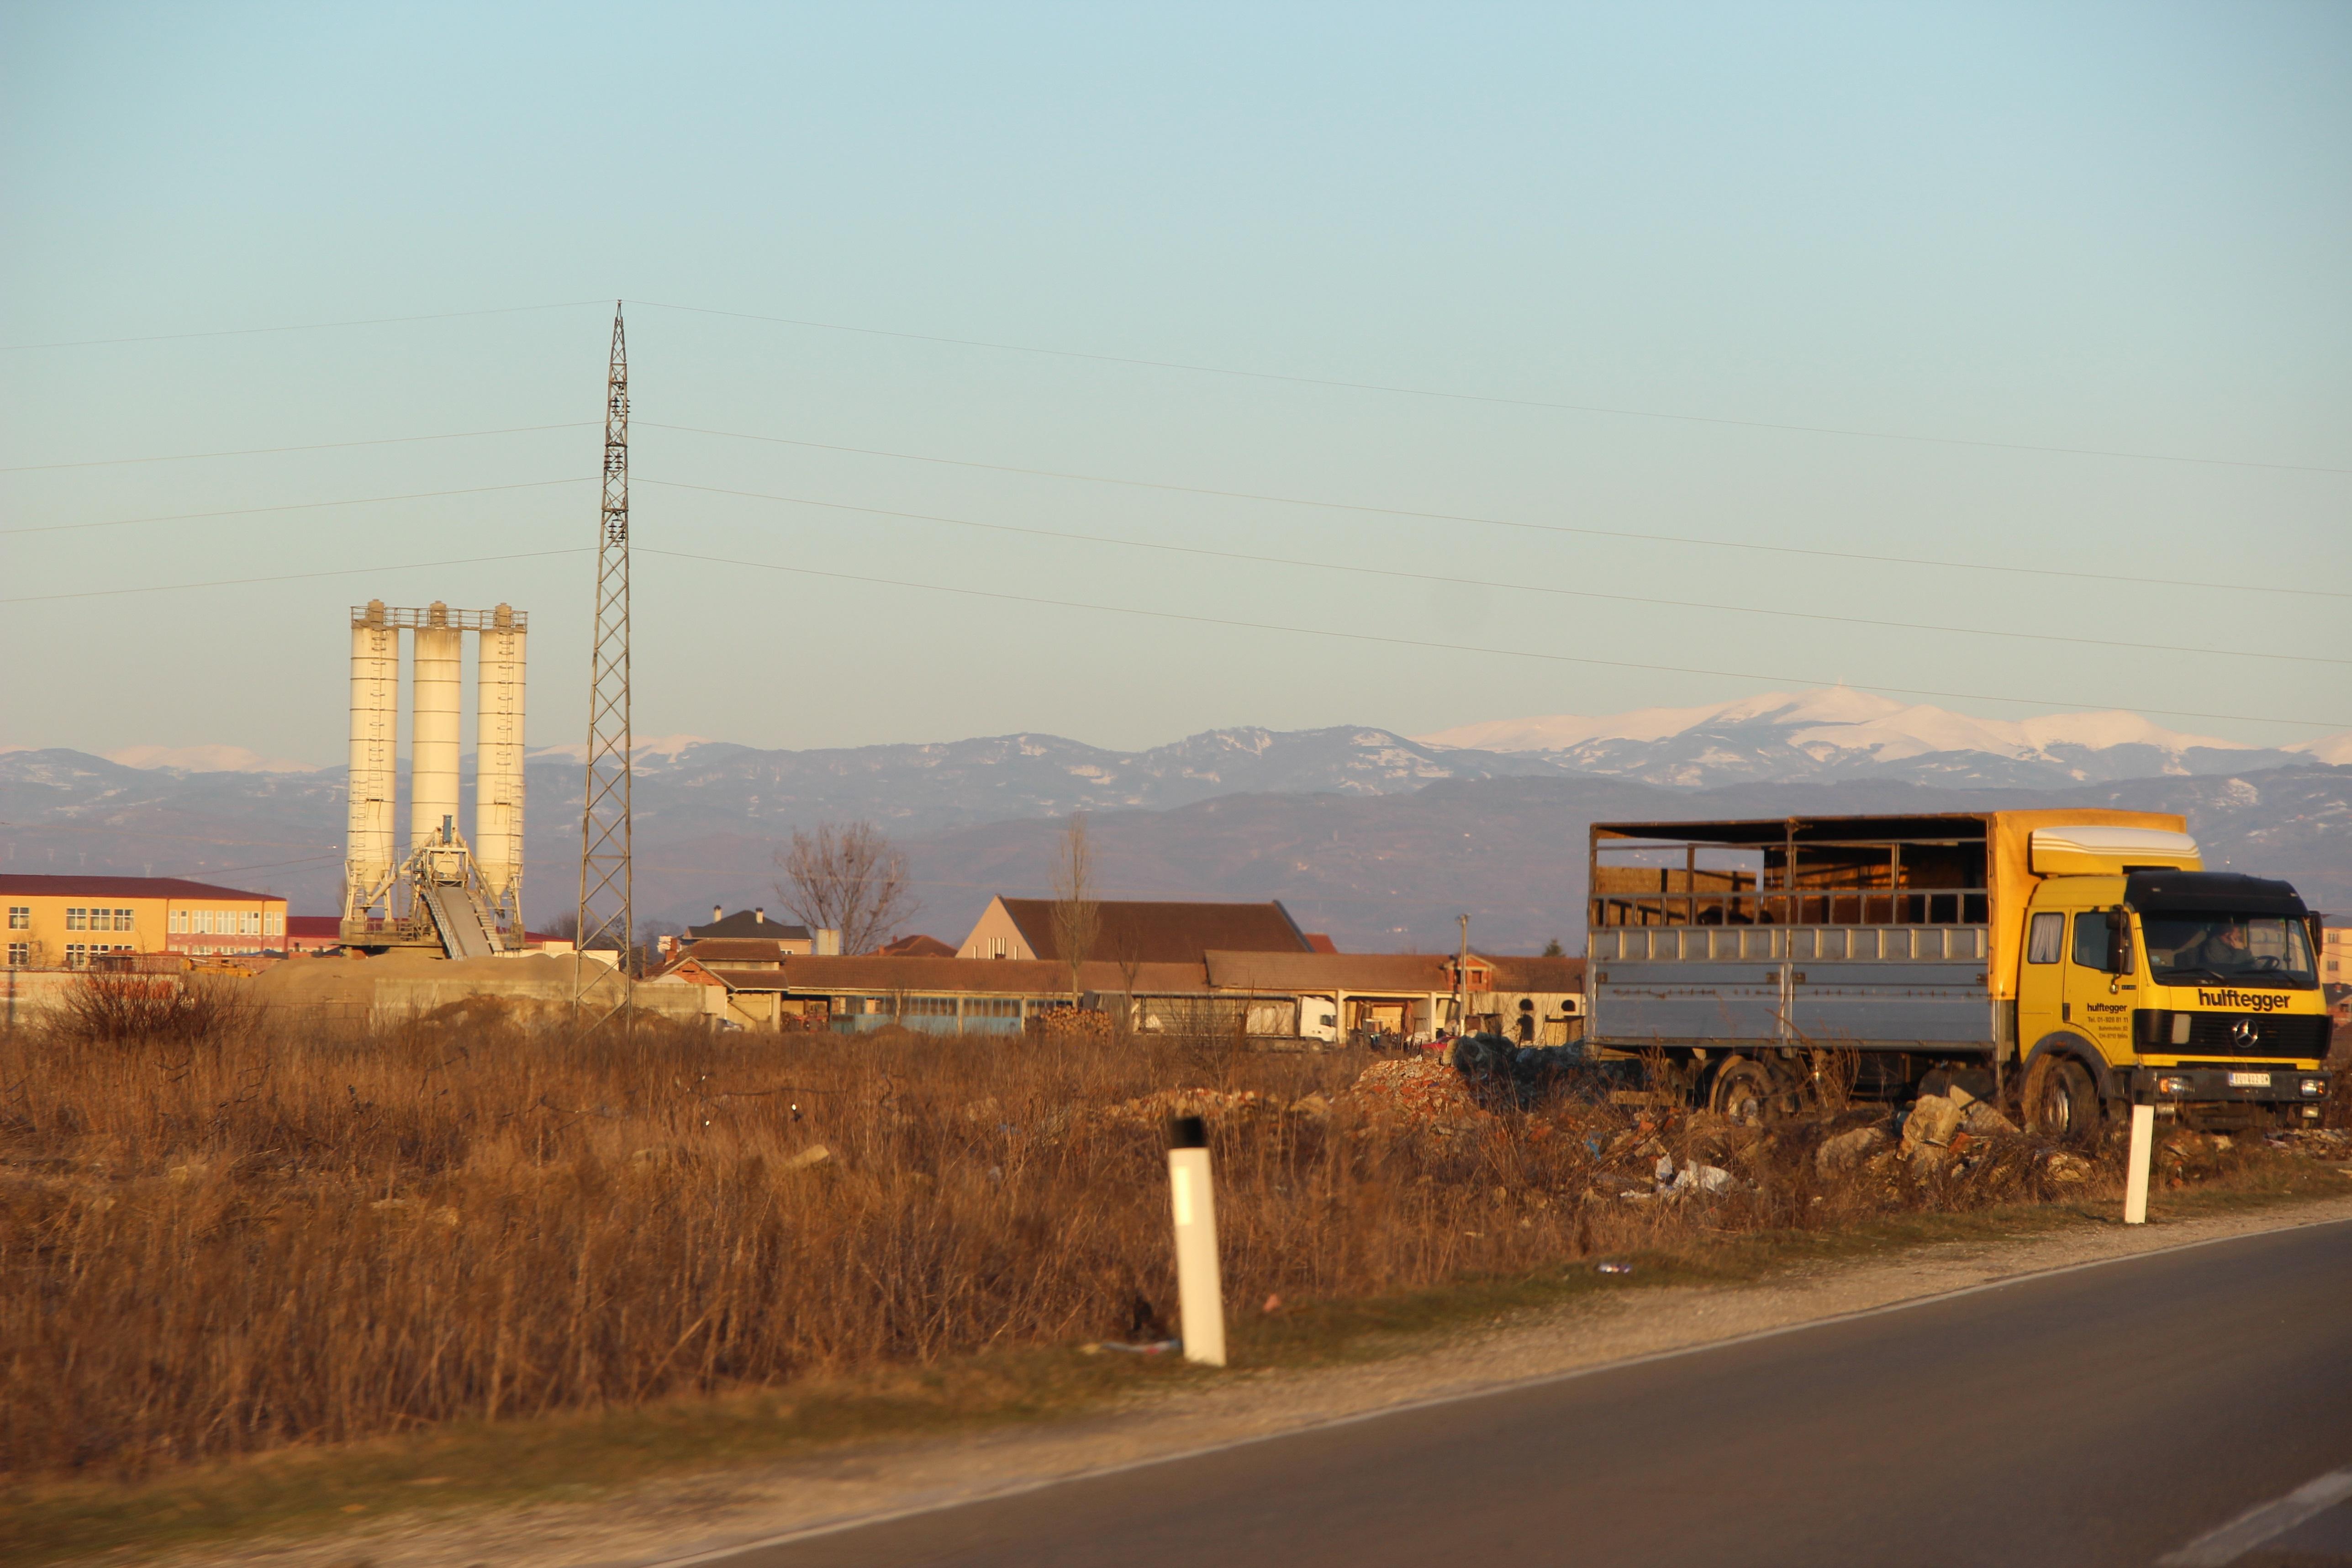 Dans la ville de Presevo, 90% des sans-emplois sont Albanais.